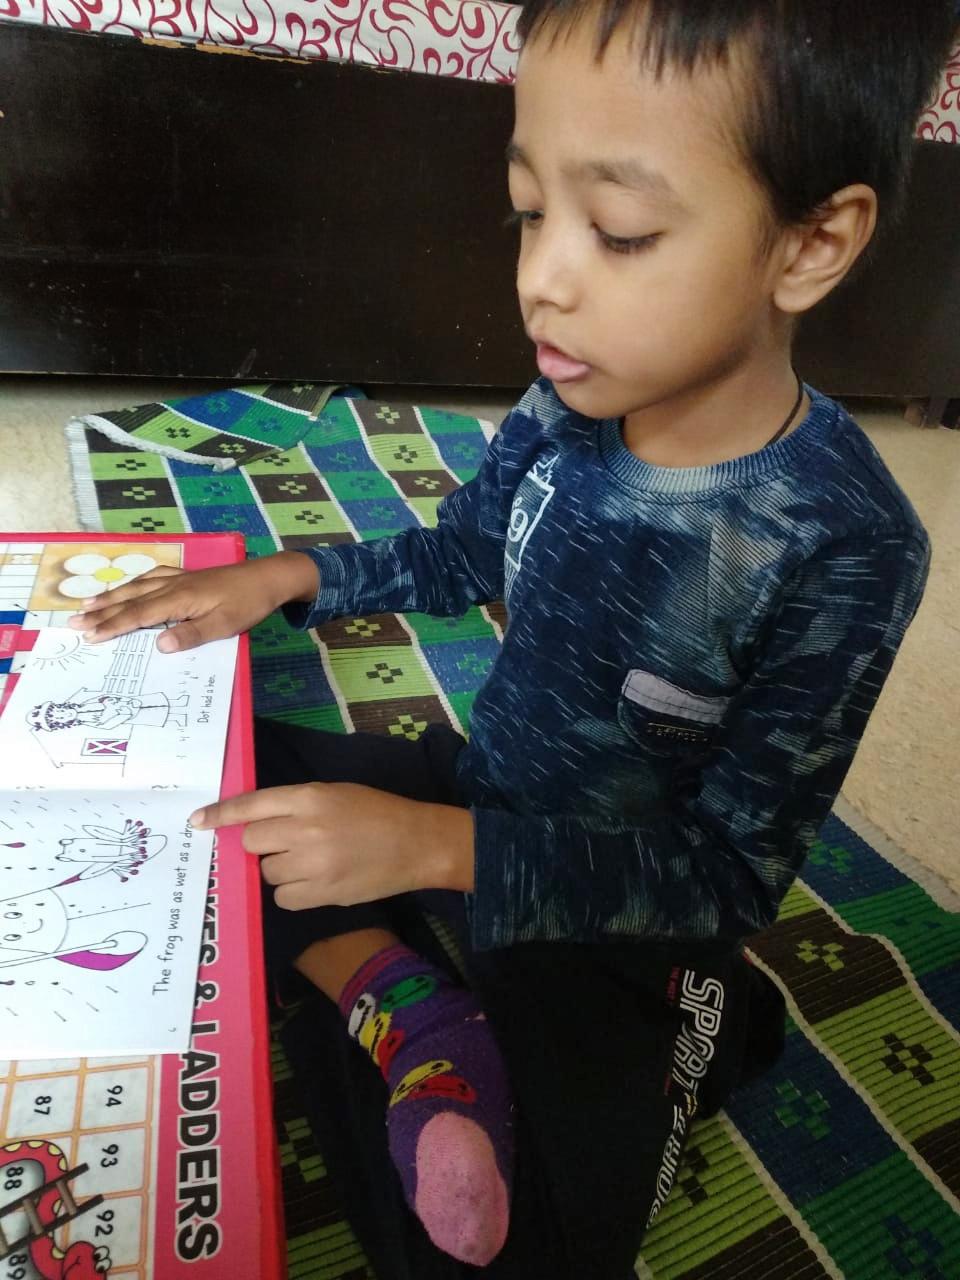 STORY READING ACTIVITY